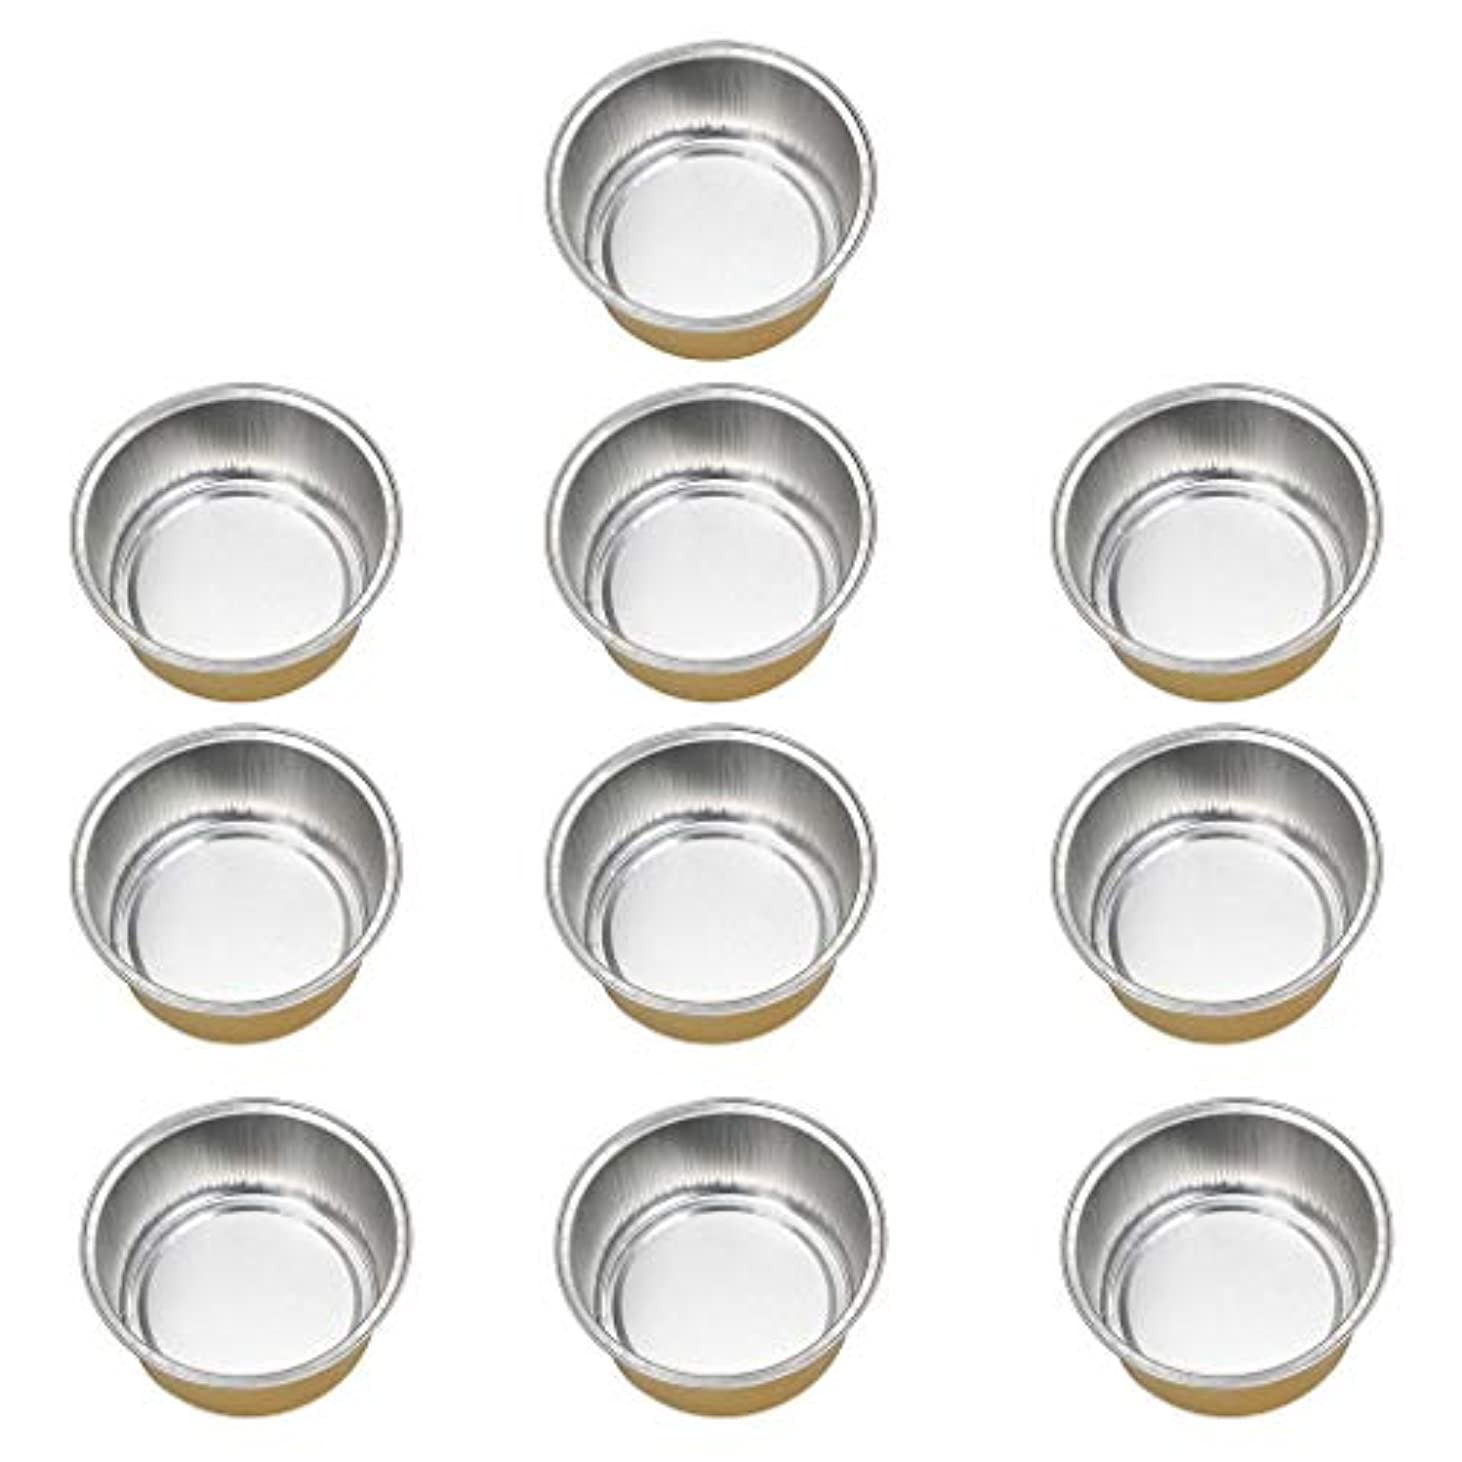 王族欠如ジュニアFLAMEER 10個 ワックスボウル ミニボウル アルミホイルボウル ワックス豆体 溶融 衛生的 2種選ぶ - ゴールデン2, 02